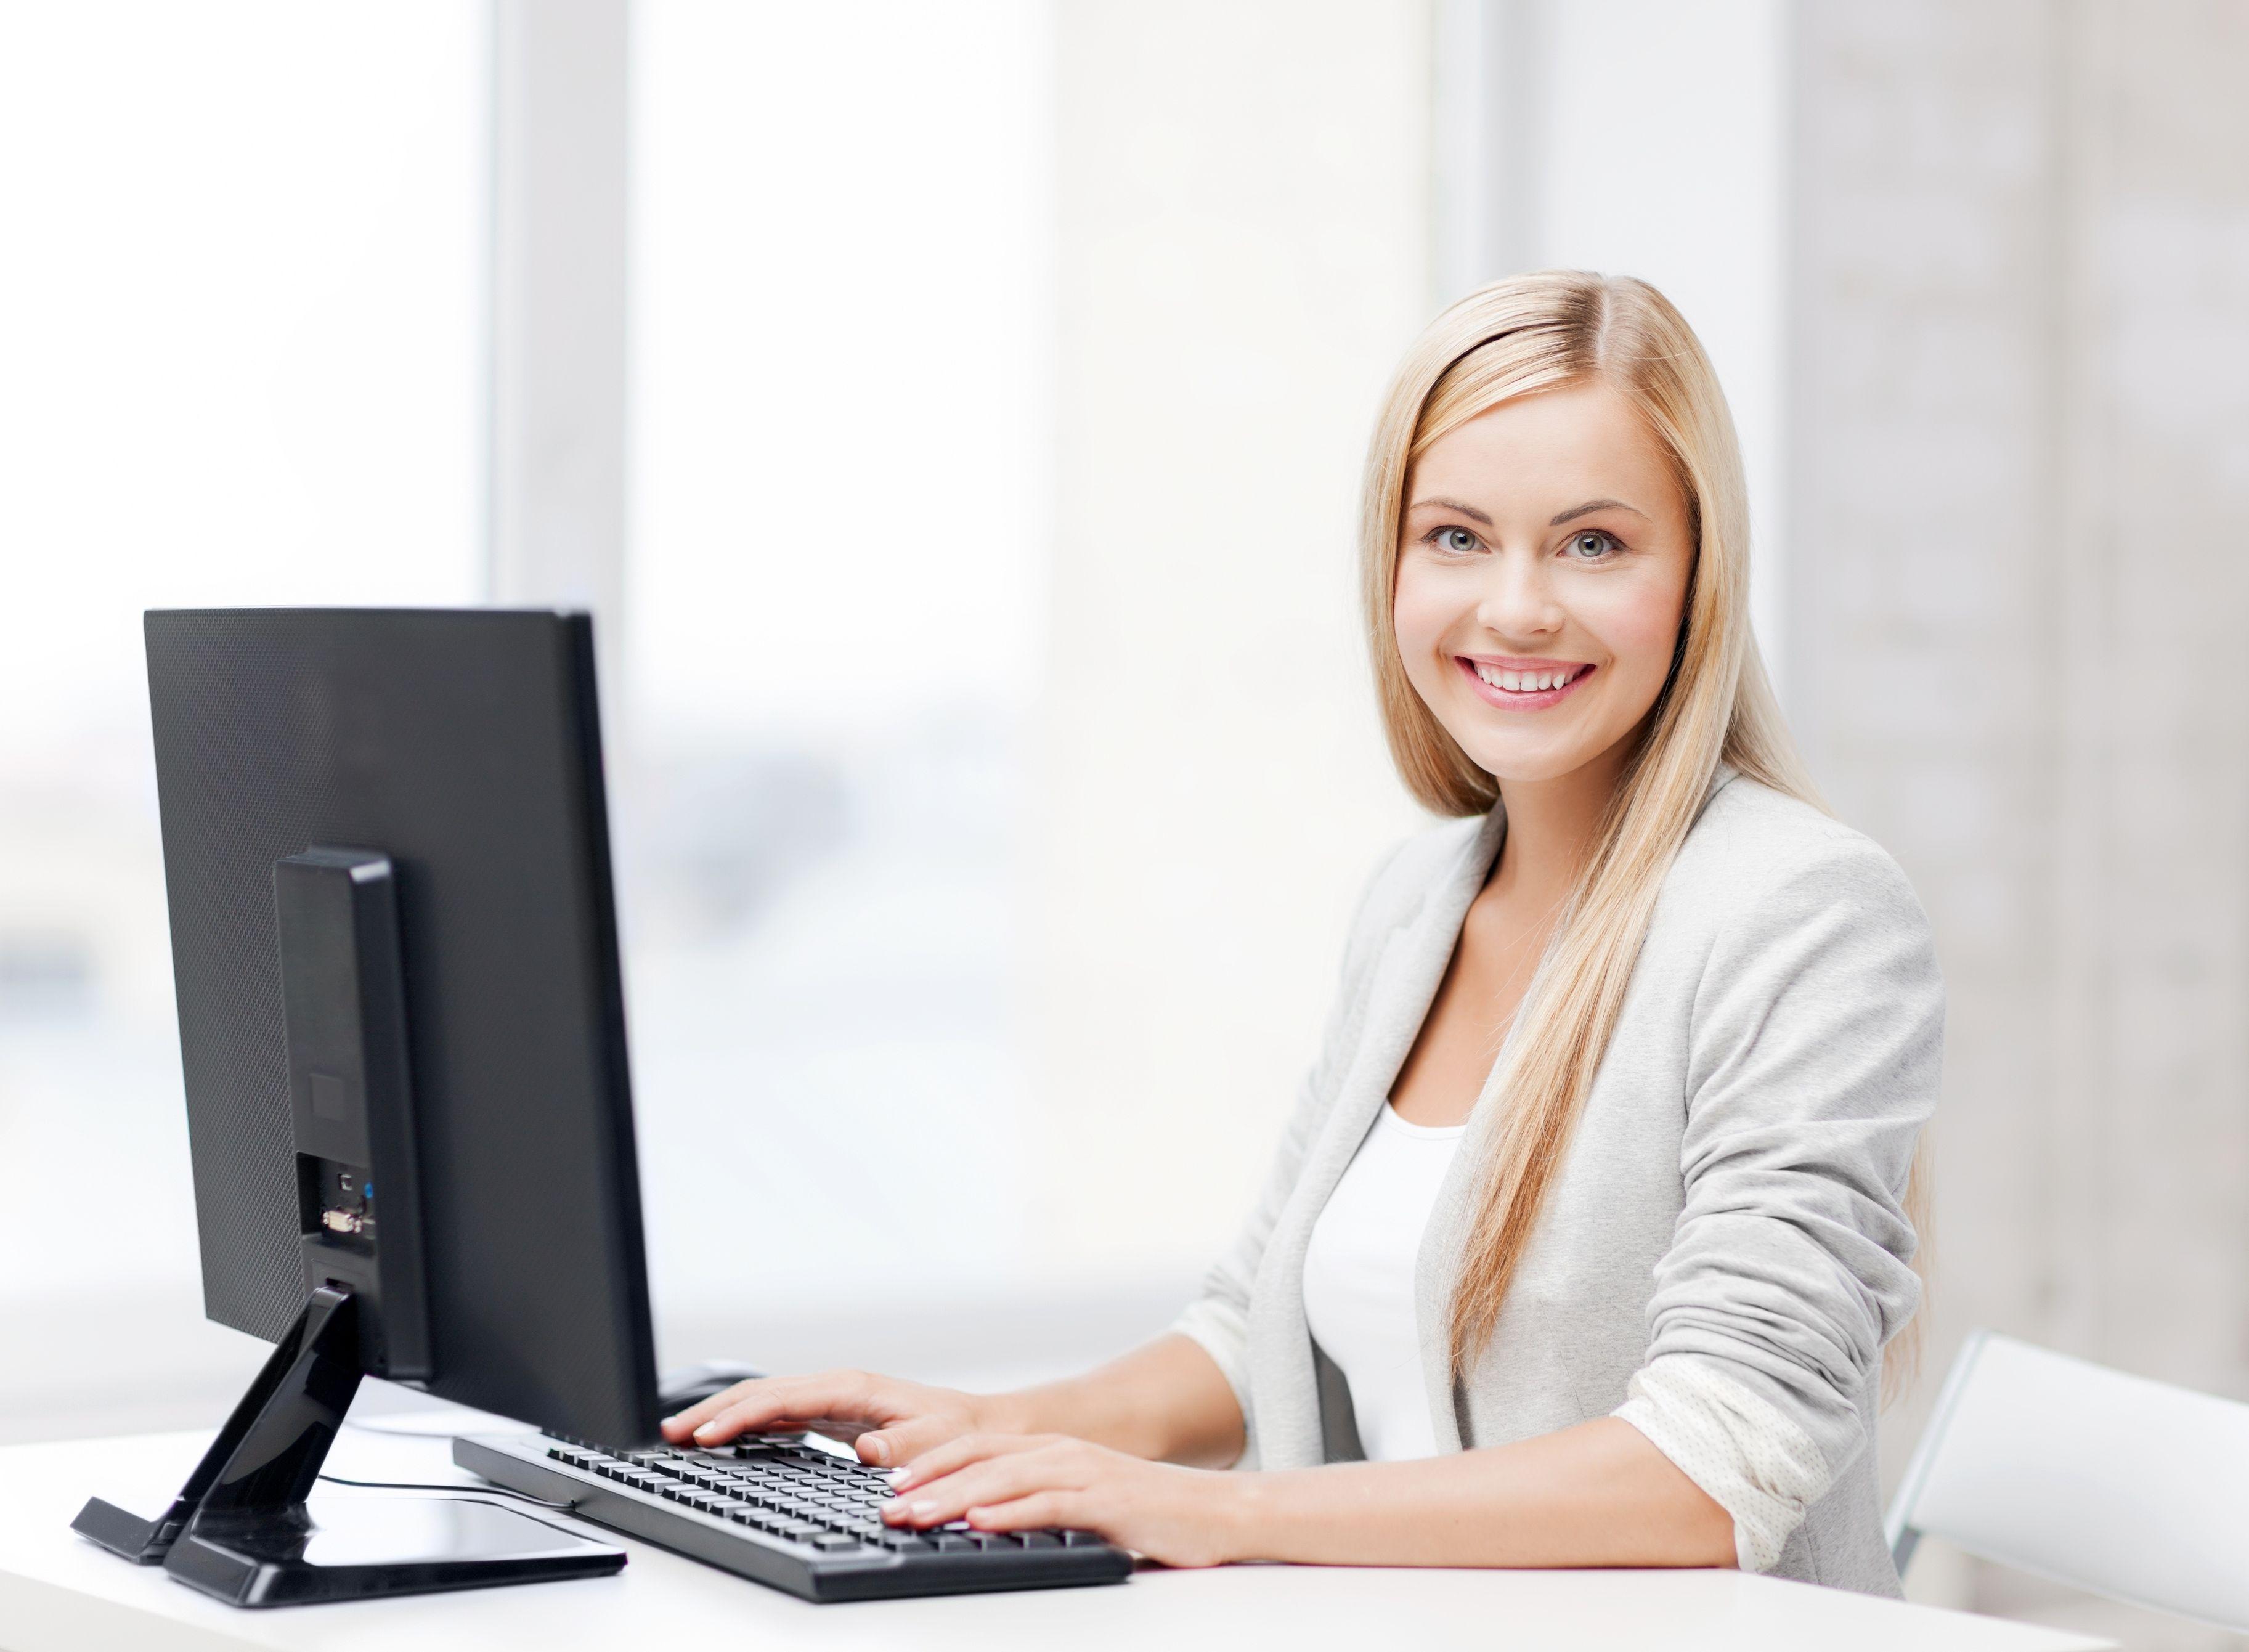 бухгалтерская консультация для юридических лиц